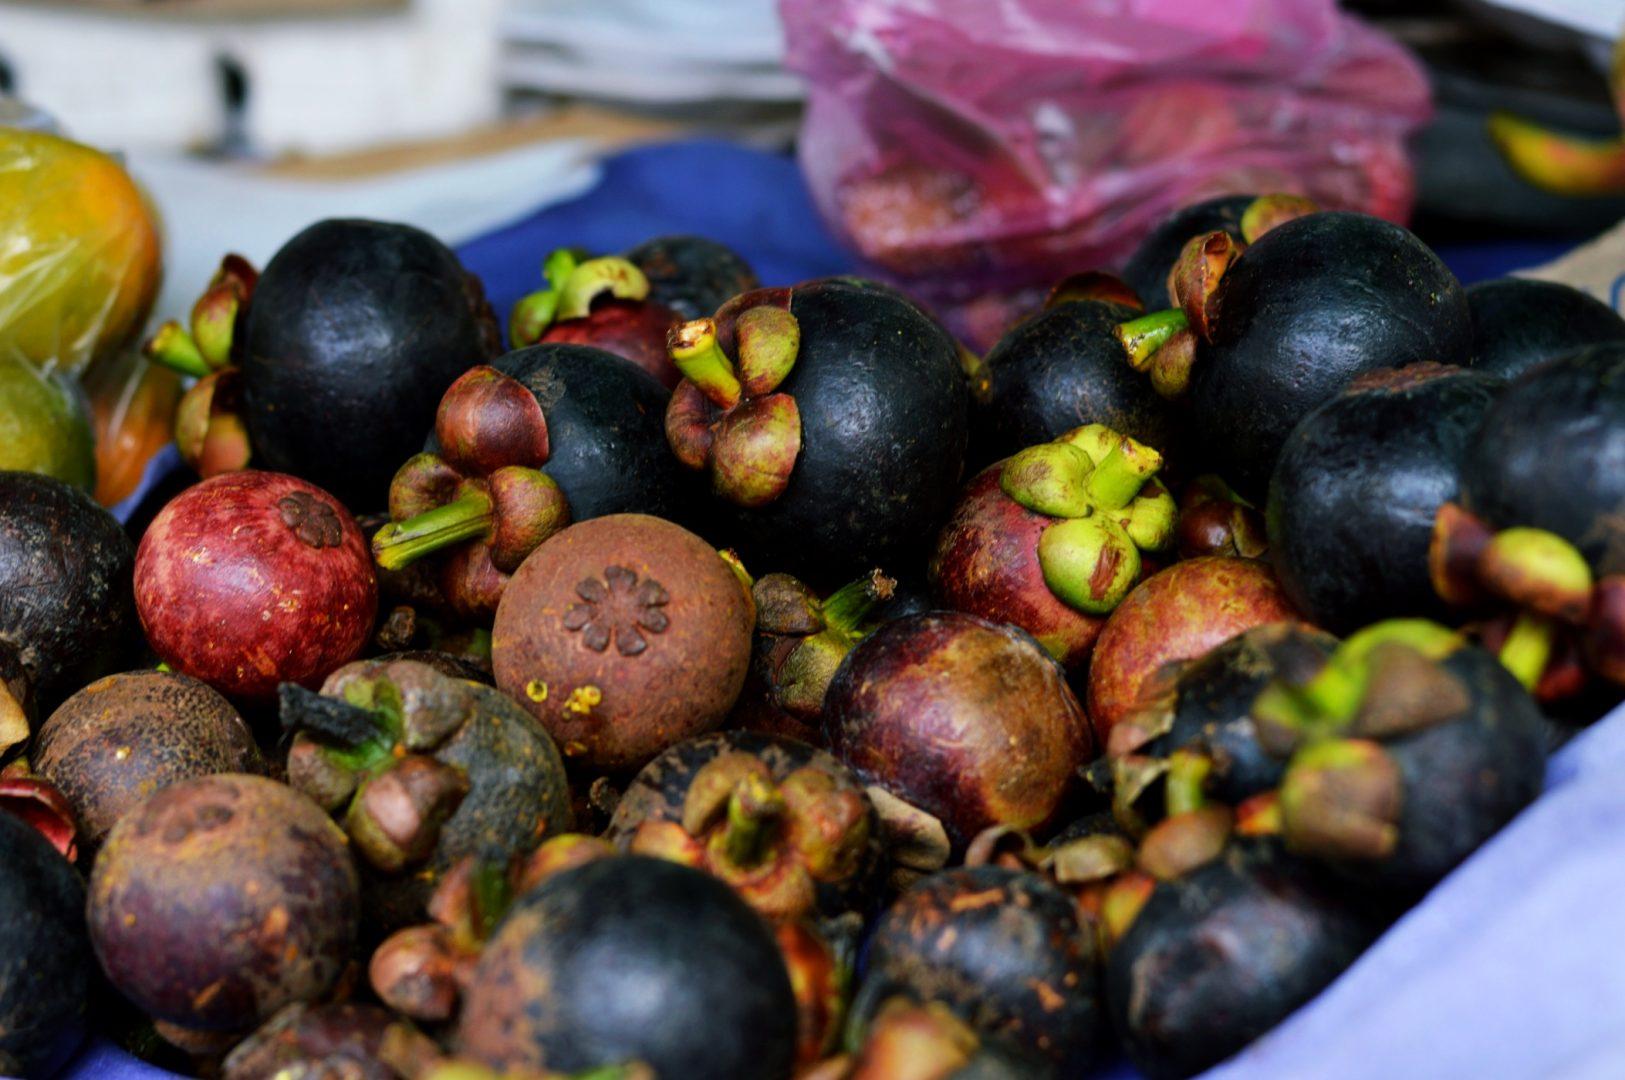 5 exotische Früchte aus Thailand - Mangostan| www.dearlicious.com